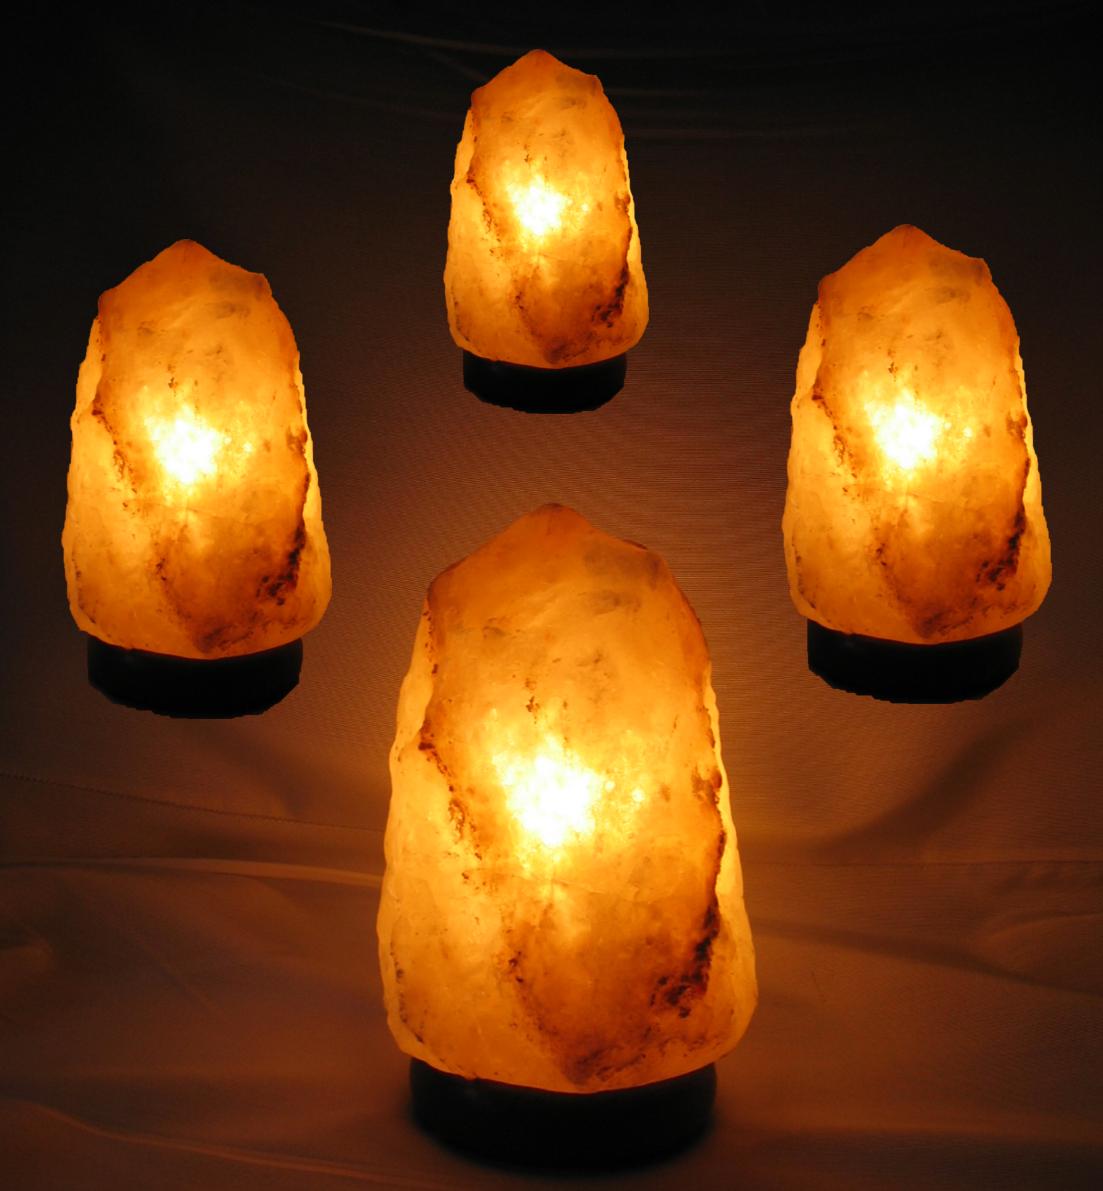 4er set salzkristall lampe leuchte salzlampe himalaya salzleuchte 2 5 3 5 kg 1312. Black Bedroom Furniture Sets. Home Design Ideas